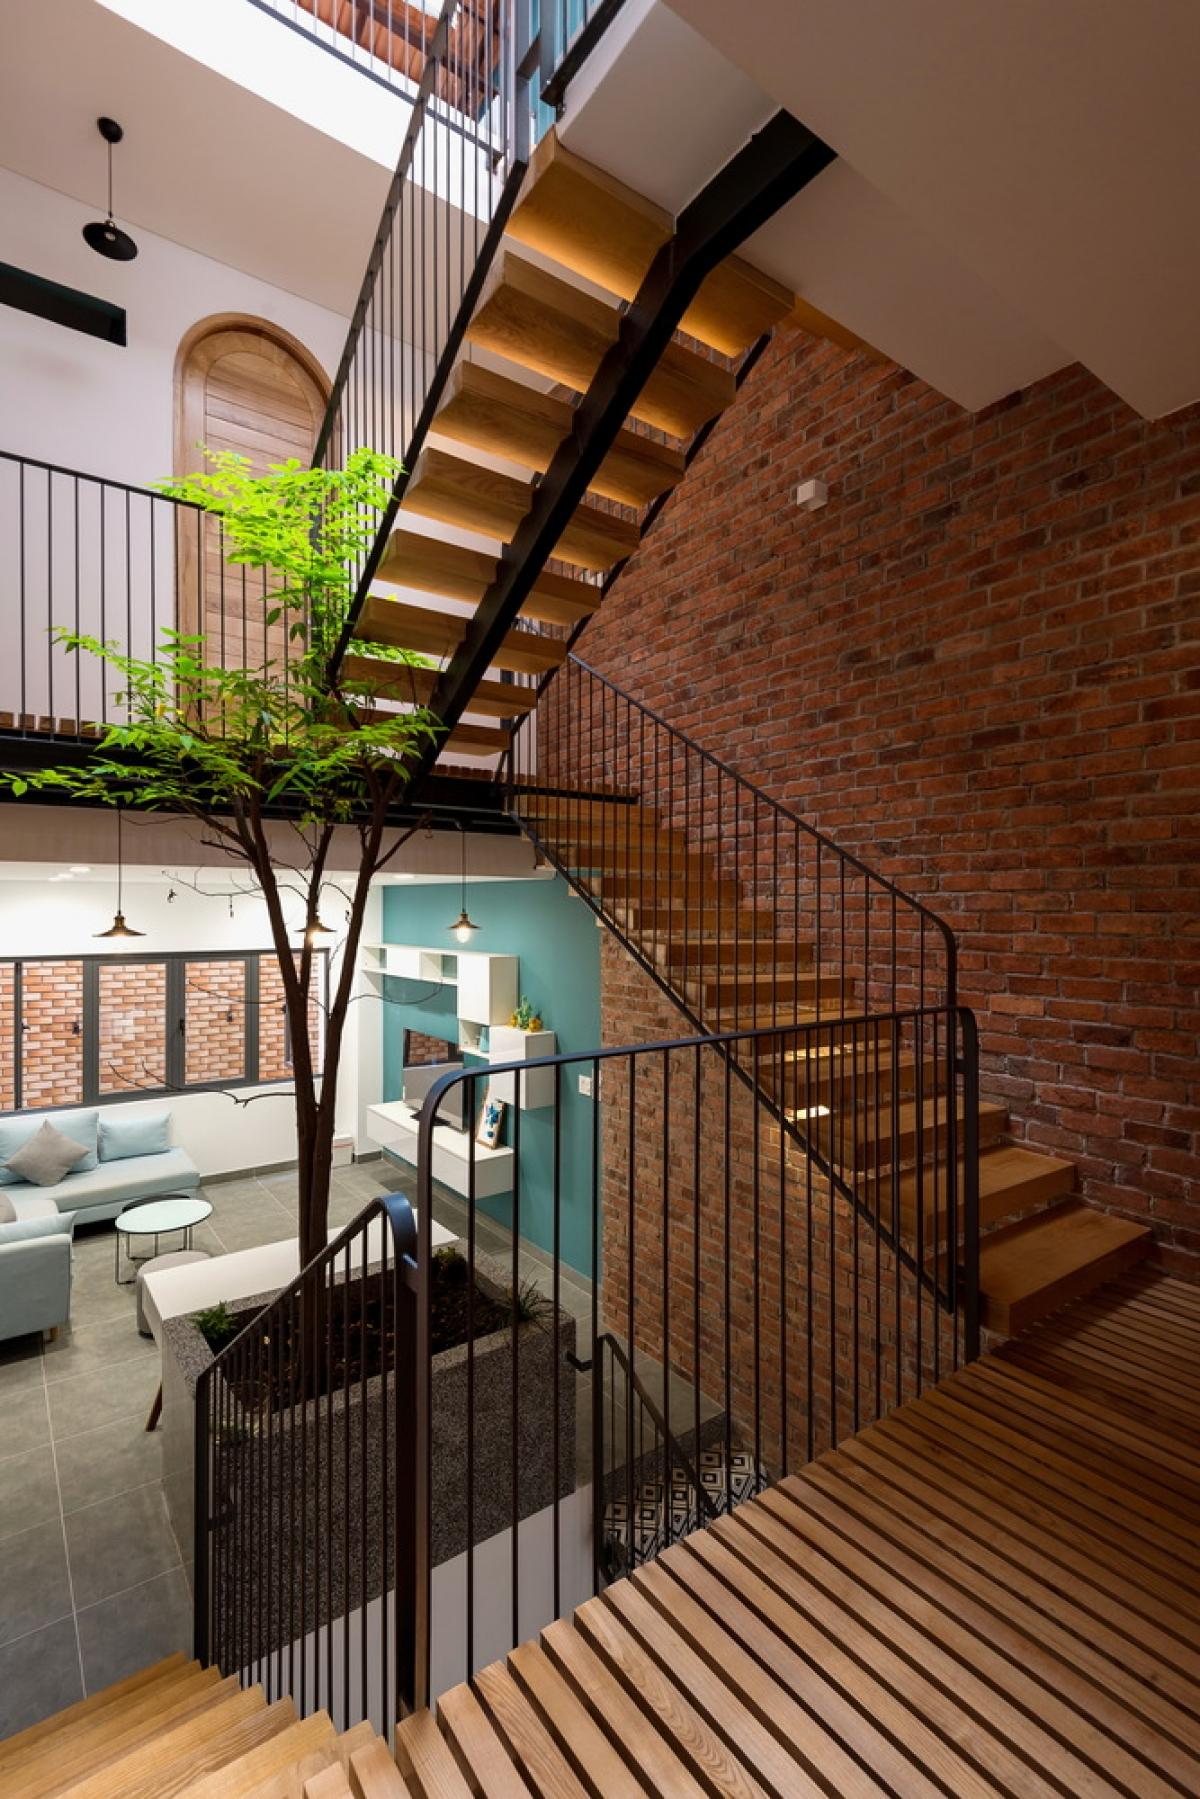 Cầu thang gỗ có tay vịn bằng thép, kết nối các tầng trong căn nhà.